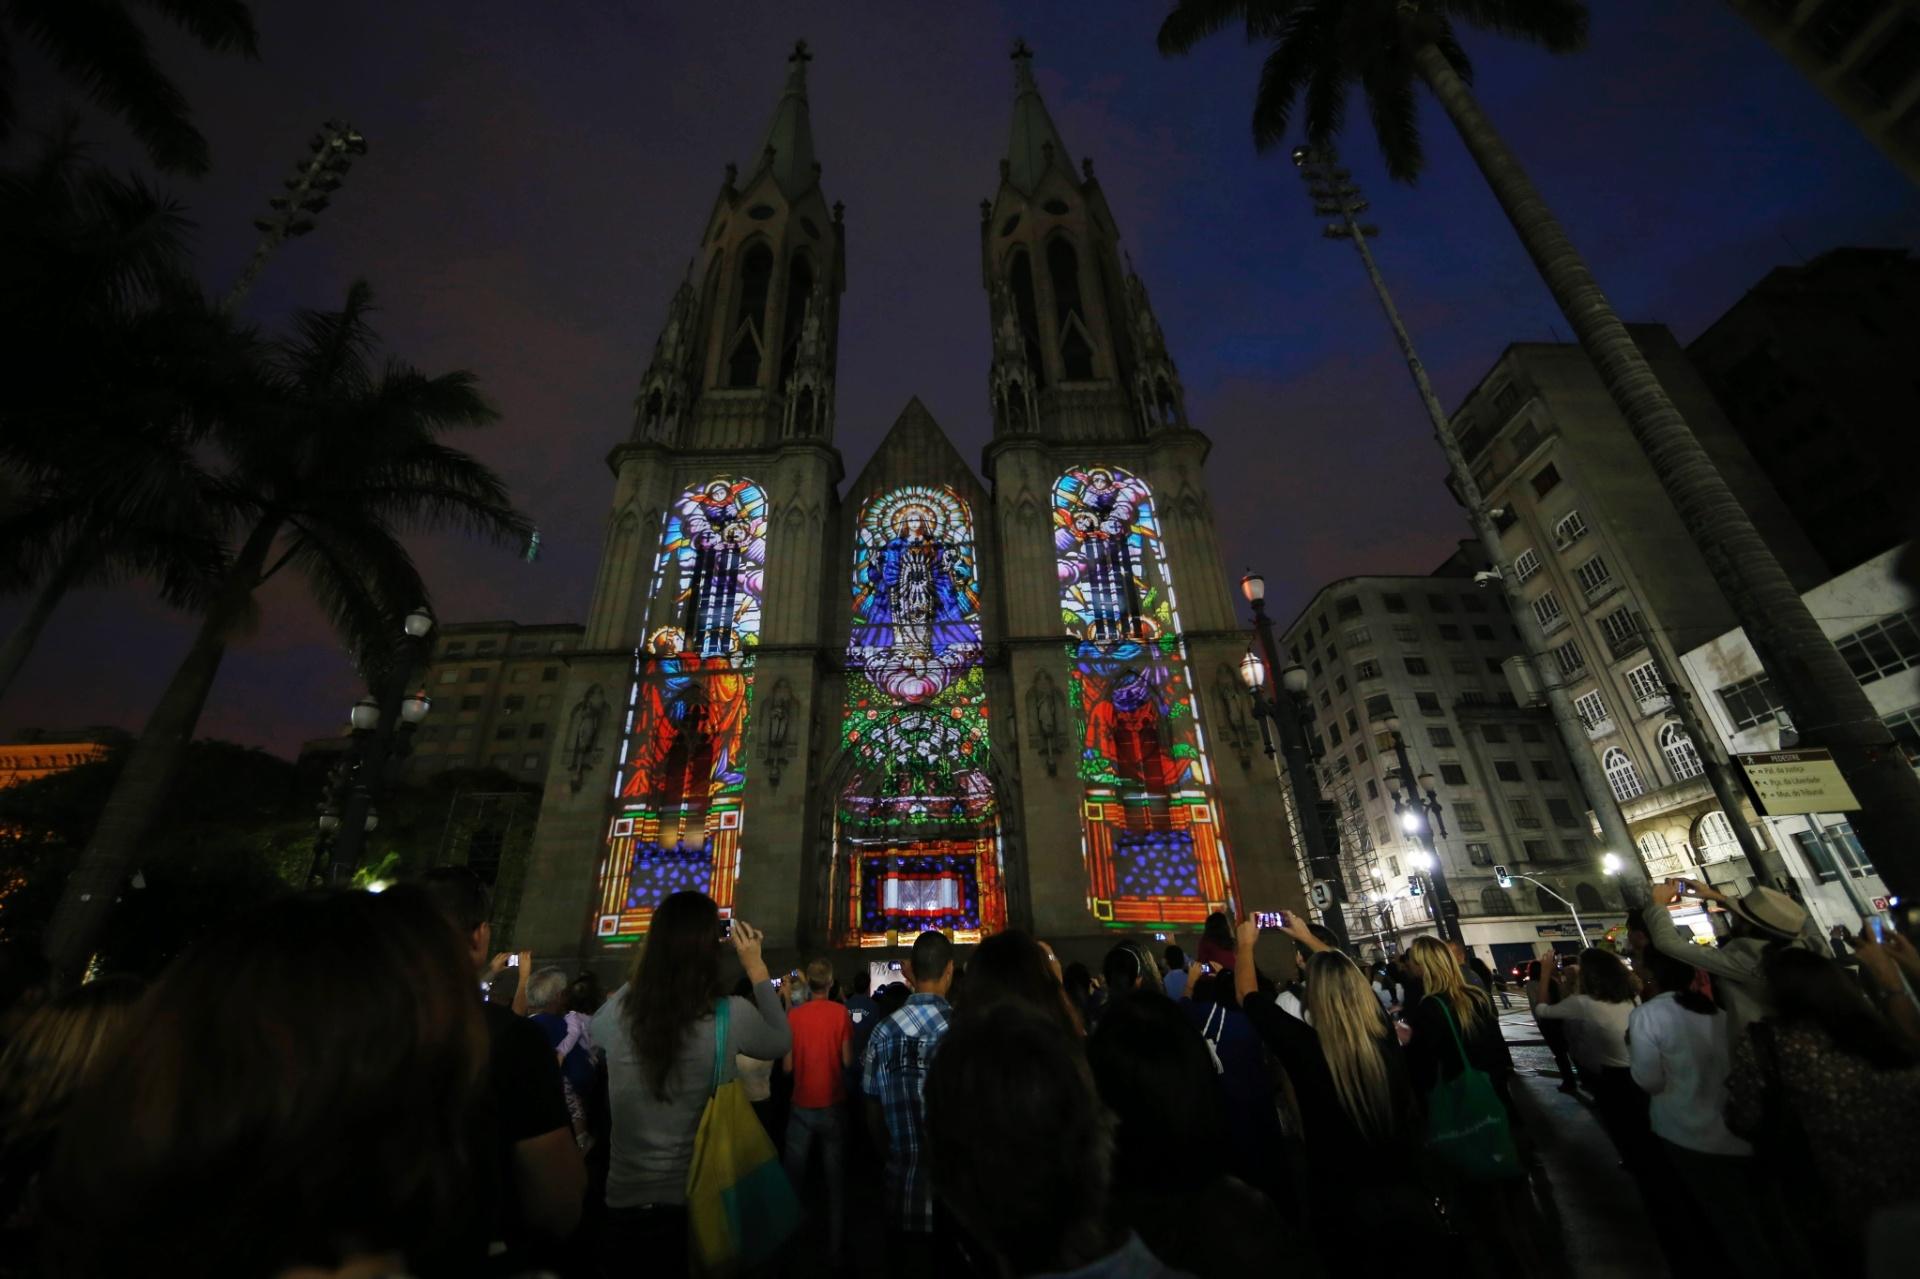 29.nov.2014 - Projeções na fachada da Catedral da Sé, no centro de São Paulo, celebram a abertura oficial do Natal Iluminado 2014 na cidade, neste sábado. Um ato ecumênico marcou o início das festividades, realizadas pela Associação Comercial de São Paulo